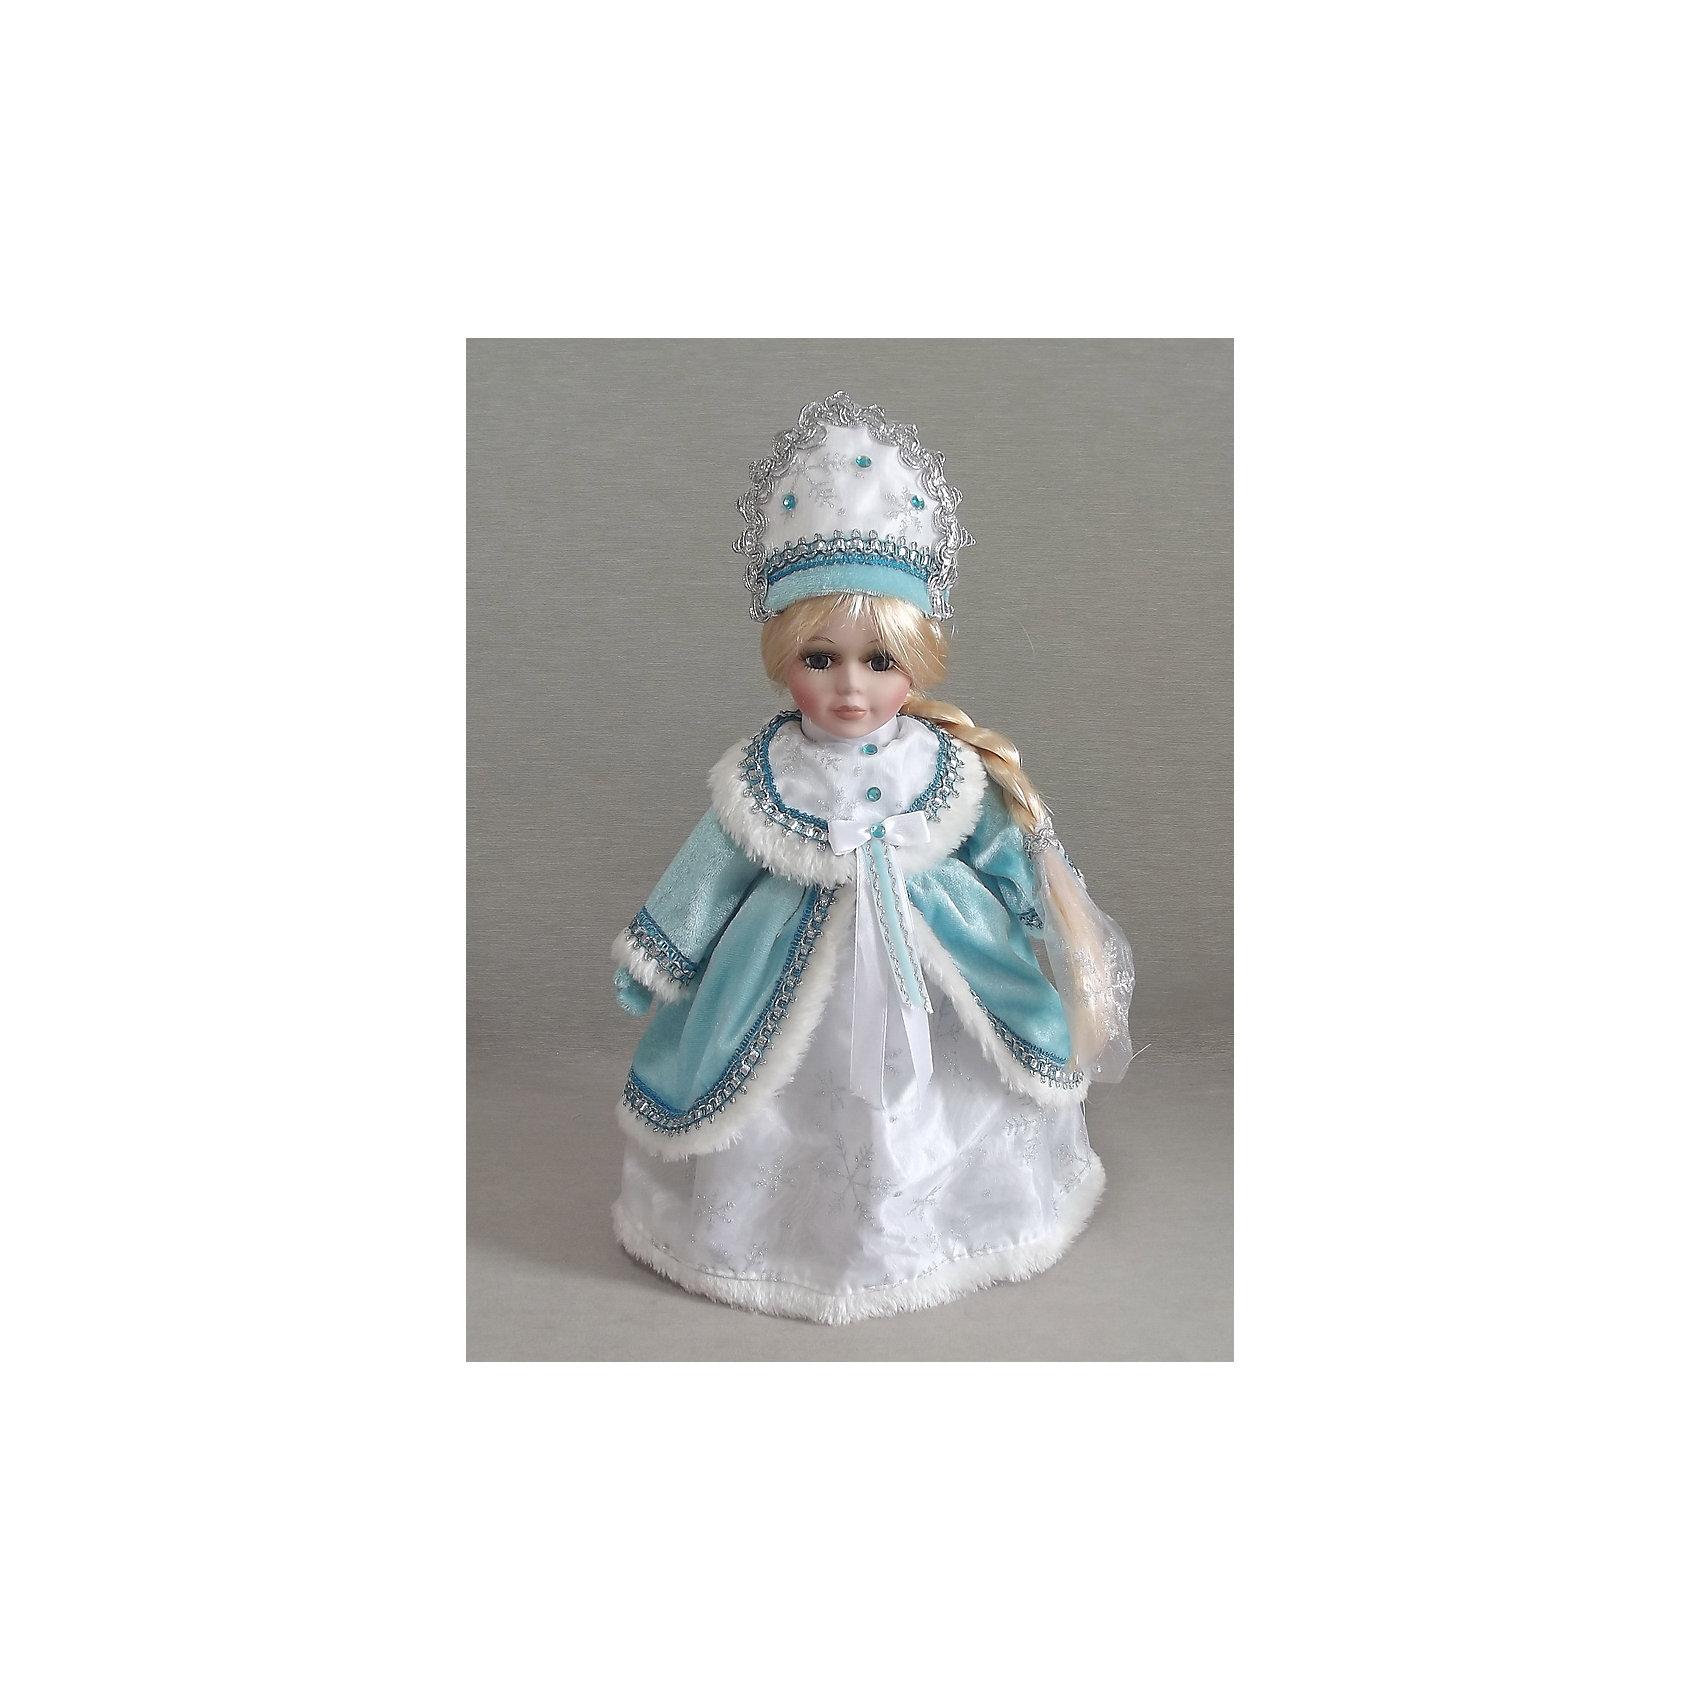 Декоративная кукла Снегурочка НаденькаДекоративная кукла Снегурочка Наденька, Феникс-Презент, станет замечательным украшением Вашего новогоднего интерьера и приятным сувениром для родных и друзей. Очаровательная Снегурочка с длинной косой и милым личиком одета в традиционный бело-голубой наряд, украшенный красивой вышивкой и меховой отделкой, на голове кокошник с голубыми бусинками. Тело куклы мягконабивное, голова, руки и ноги - керамические. Поставленная под елку, красавица Снегурочка порадует и взрослых и детей и поможет создать волшебную атмосферу новогодних праздников.<br><br>Дополнительная информация:<br><br>- Материал: керамика, текстиль. <br>- Размер куклы: 30 см.<br>- Размер упаковки: 9 x 14 x 38 см.<br>- Вес: 0,576 кг. <br><br>Декоративную куклу Снегурочка Наденька, Феникс-Презент, можно купить в нашем интернет-магазине.<br><br>Ширина мм: 90<br>Глубина мм: 140<br>Высота мм: 380<br>Вес г: 576<br>Возраст от месяцев: 36<br>Возраст до месяцев: 2147483647<br>Пол: Унисекс<br>Возраст: Детский<br>SKU: 4276565